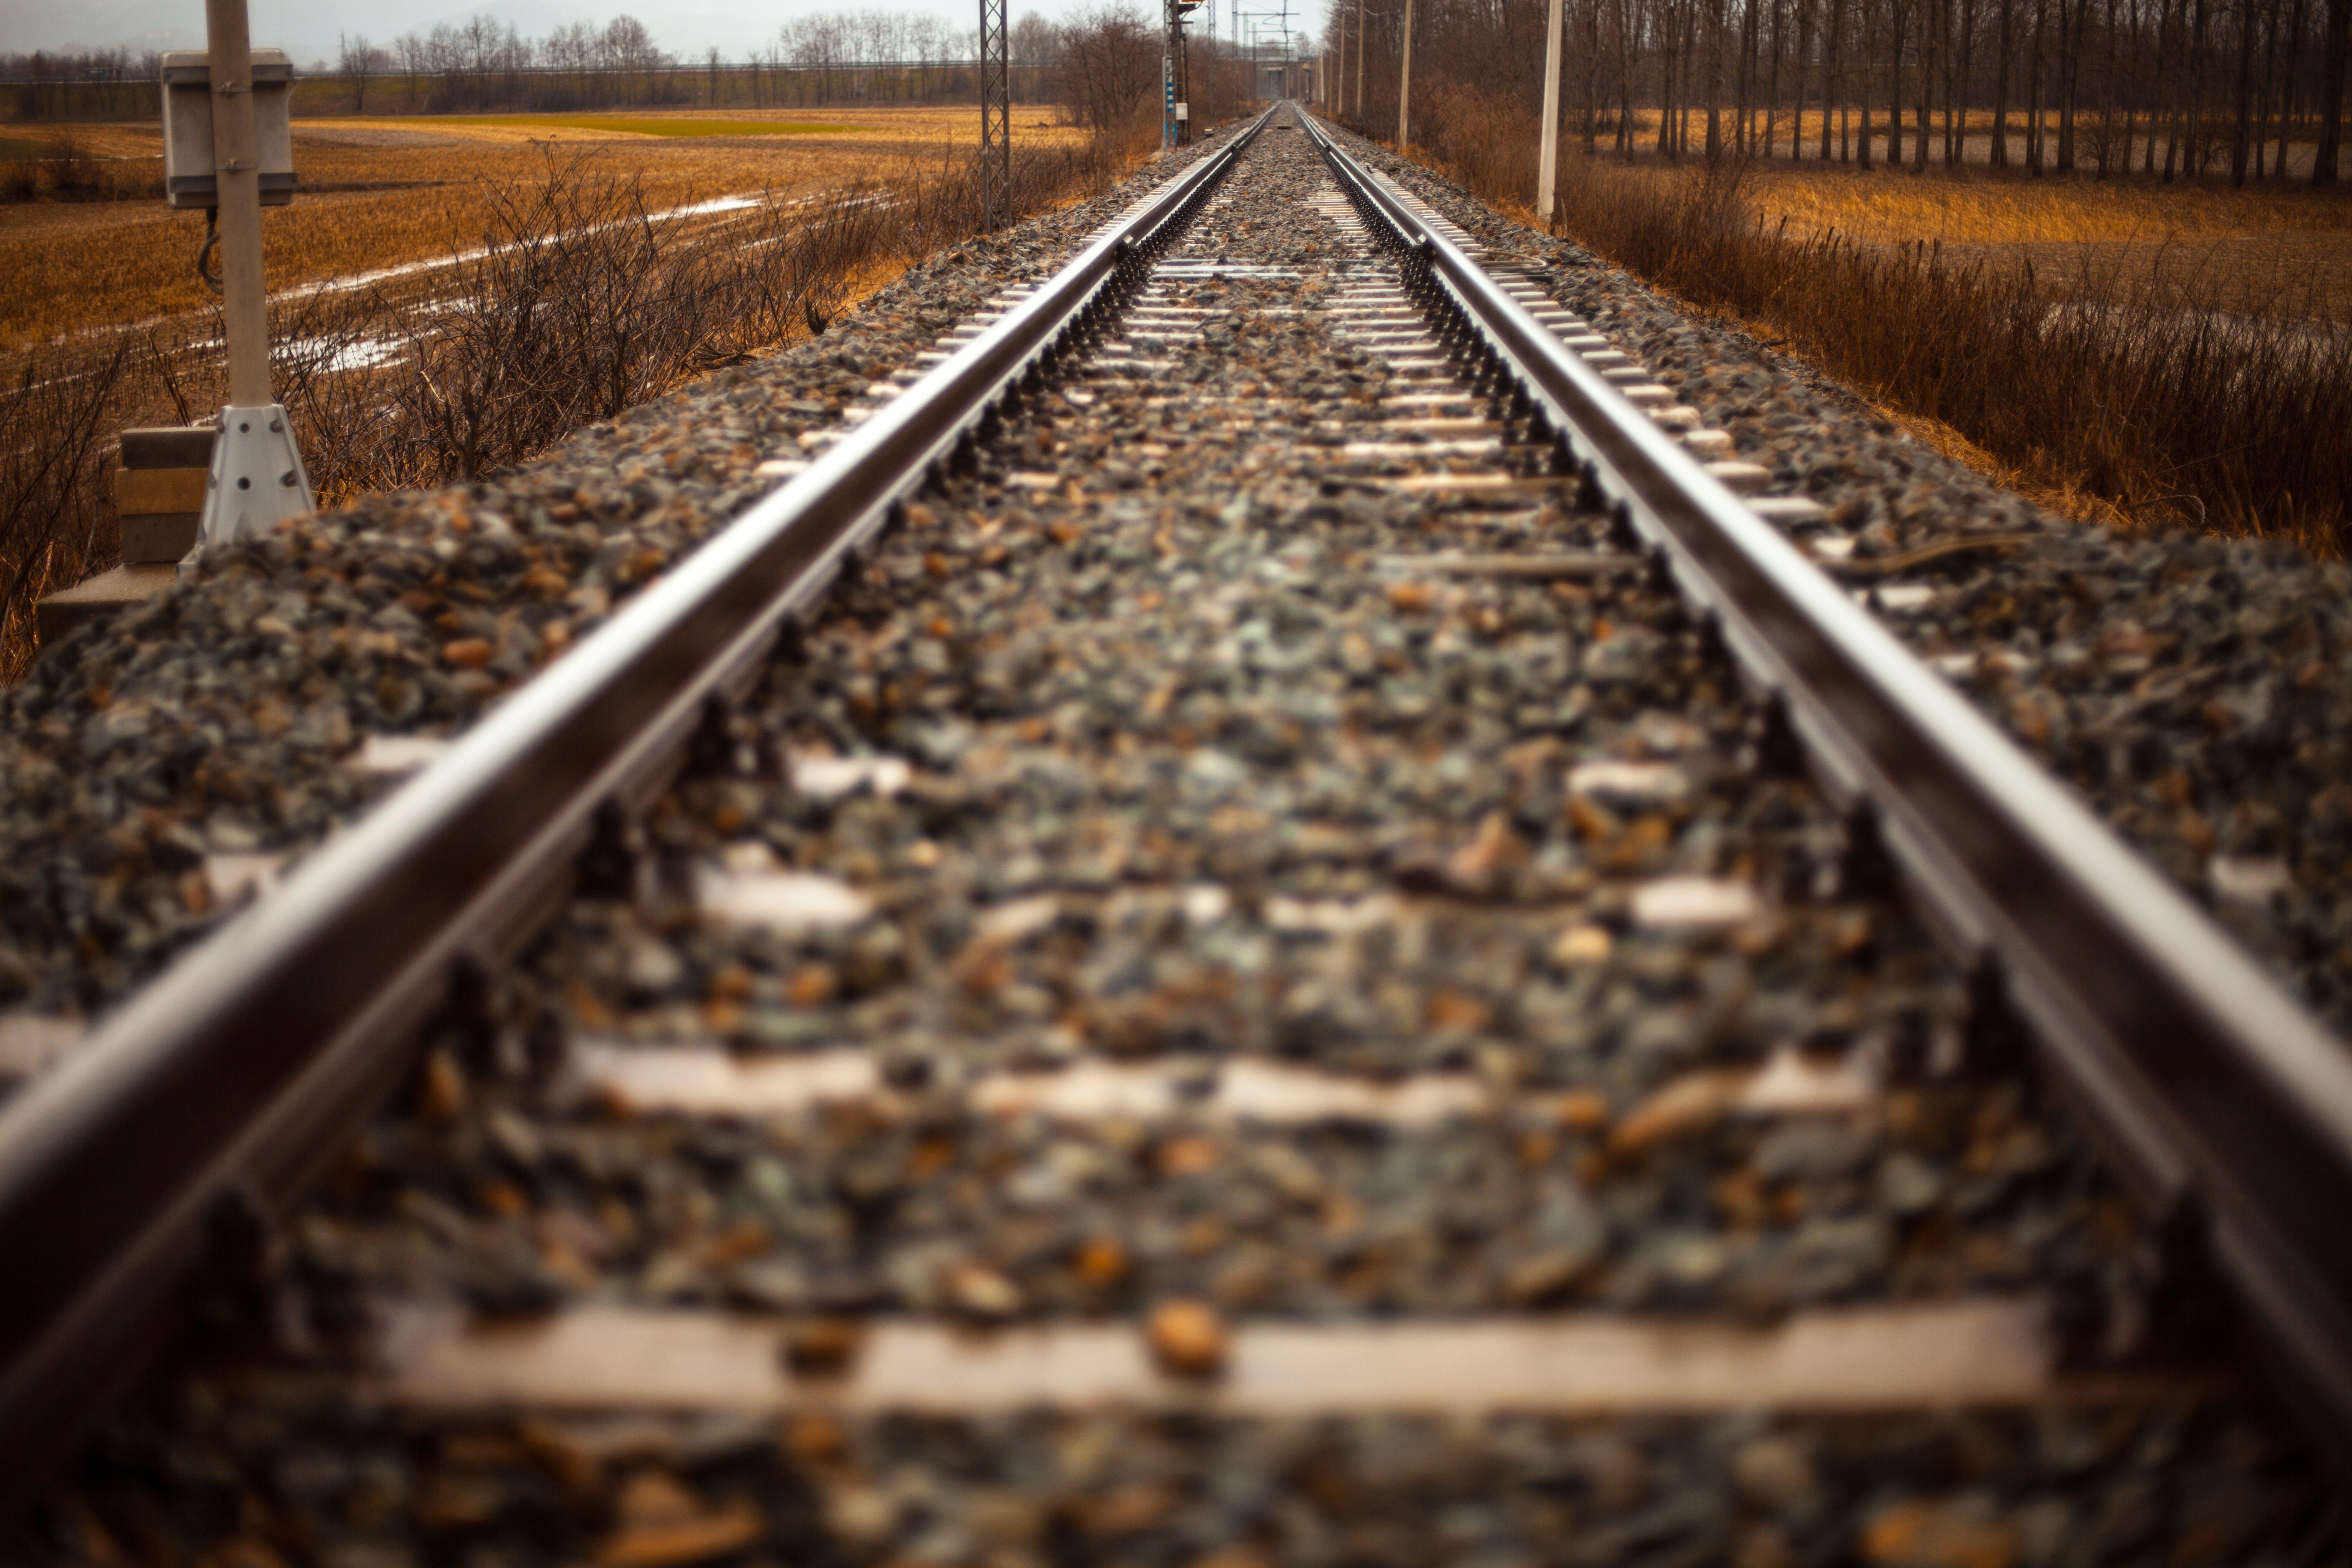 Shift-tilt Lens Photography of Train Track